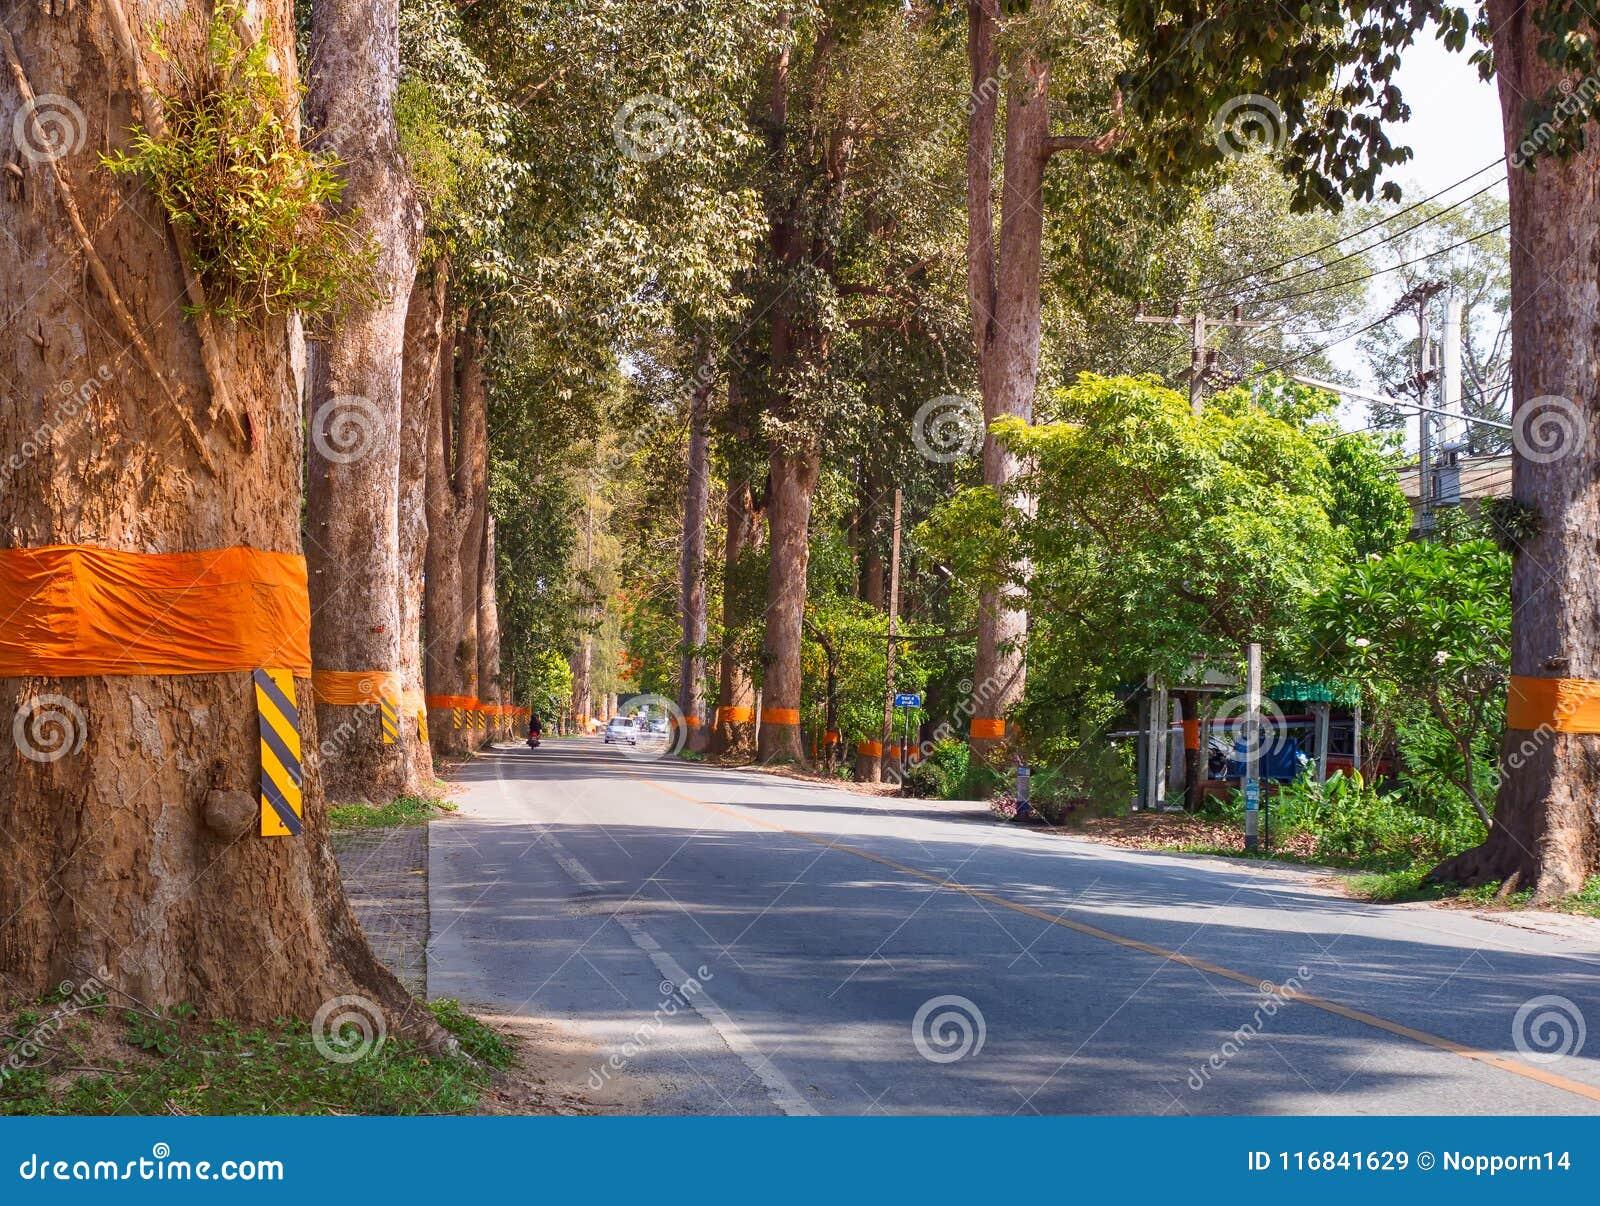 Wiejska droga tunel zieleni drzewa na świetle słonecznym z cieniem na ulicie w Amphoe Saraphi Chiang Mai mieście Tajlandia